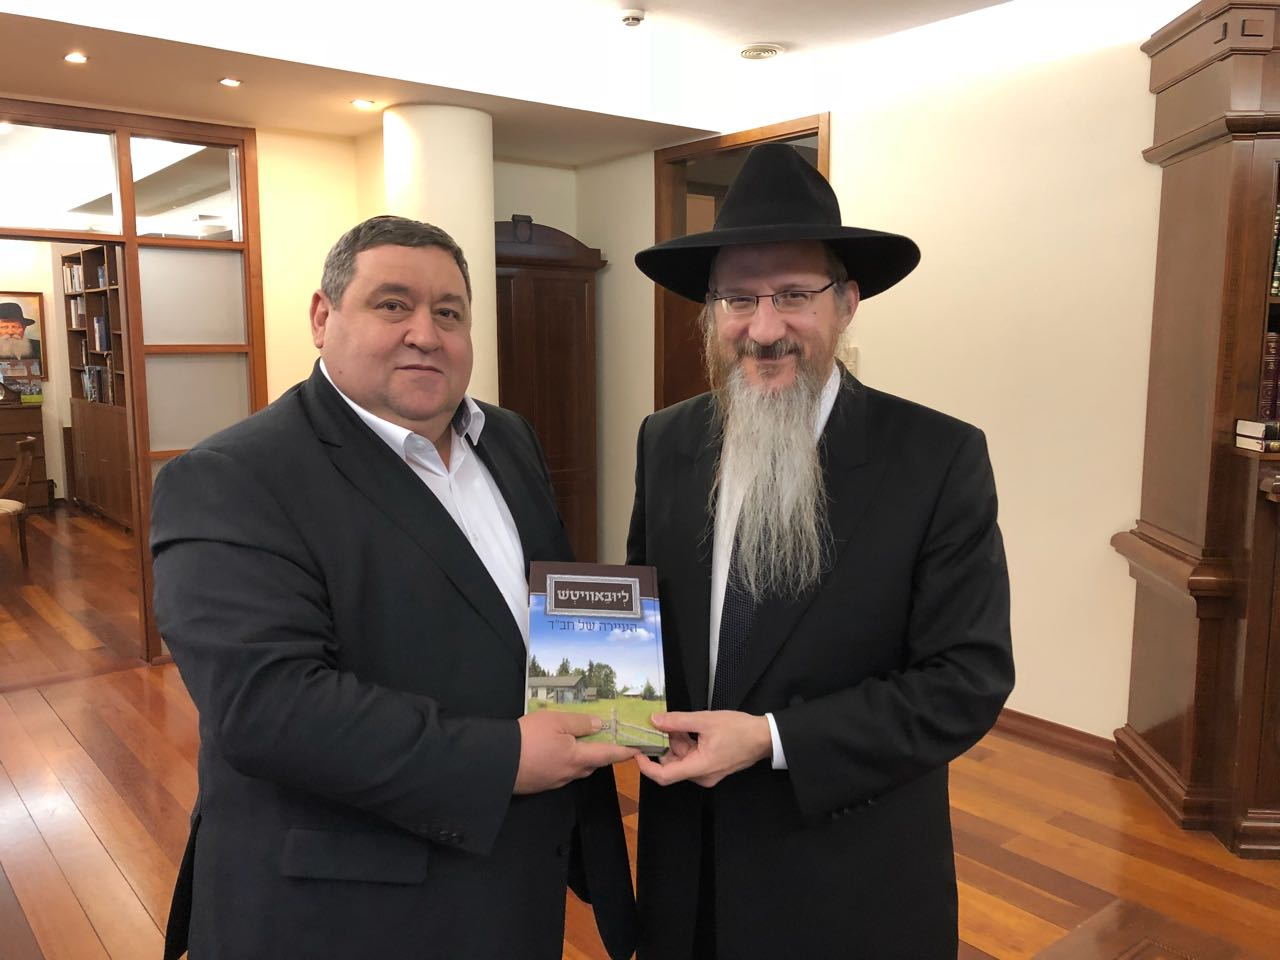 הרב בערל לאזאר מעניק את הספר לתומך של העיירה ליובאוויטש